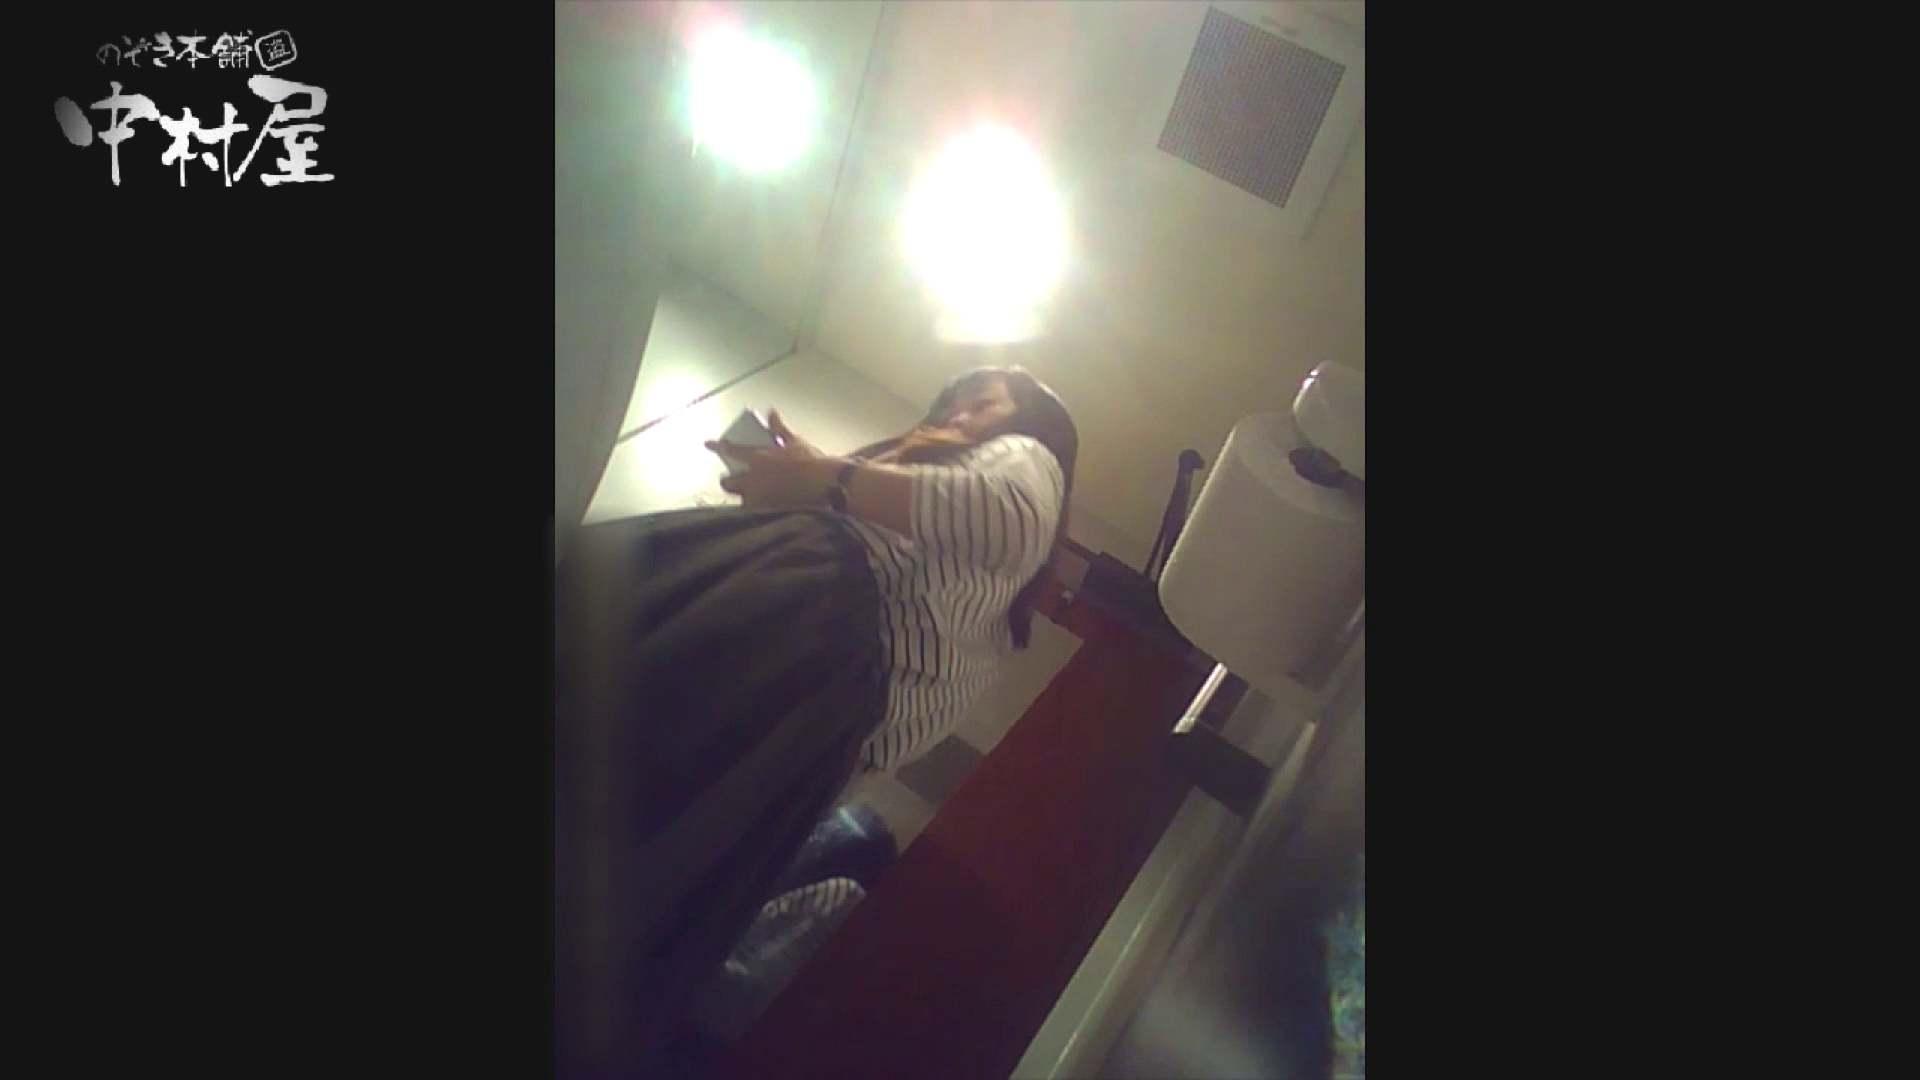 高画質トイレ盗撮vol.12 高画質 のぞき動画キャプチャ 90PIX 83